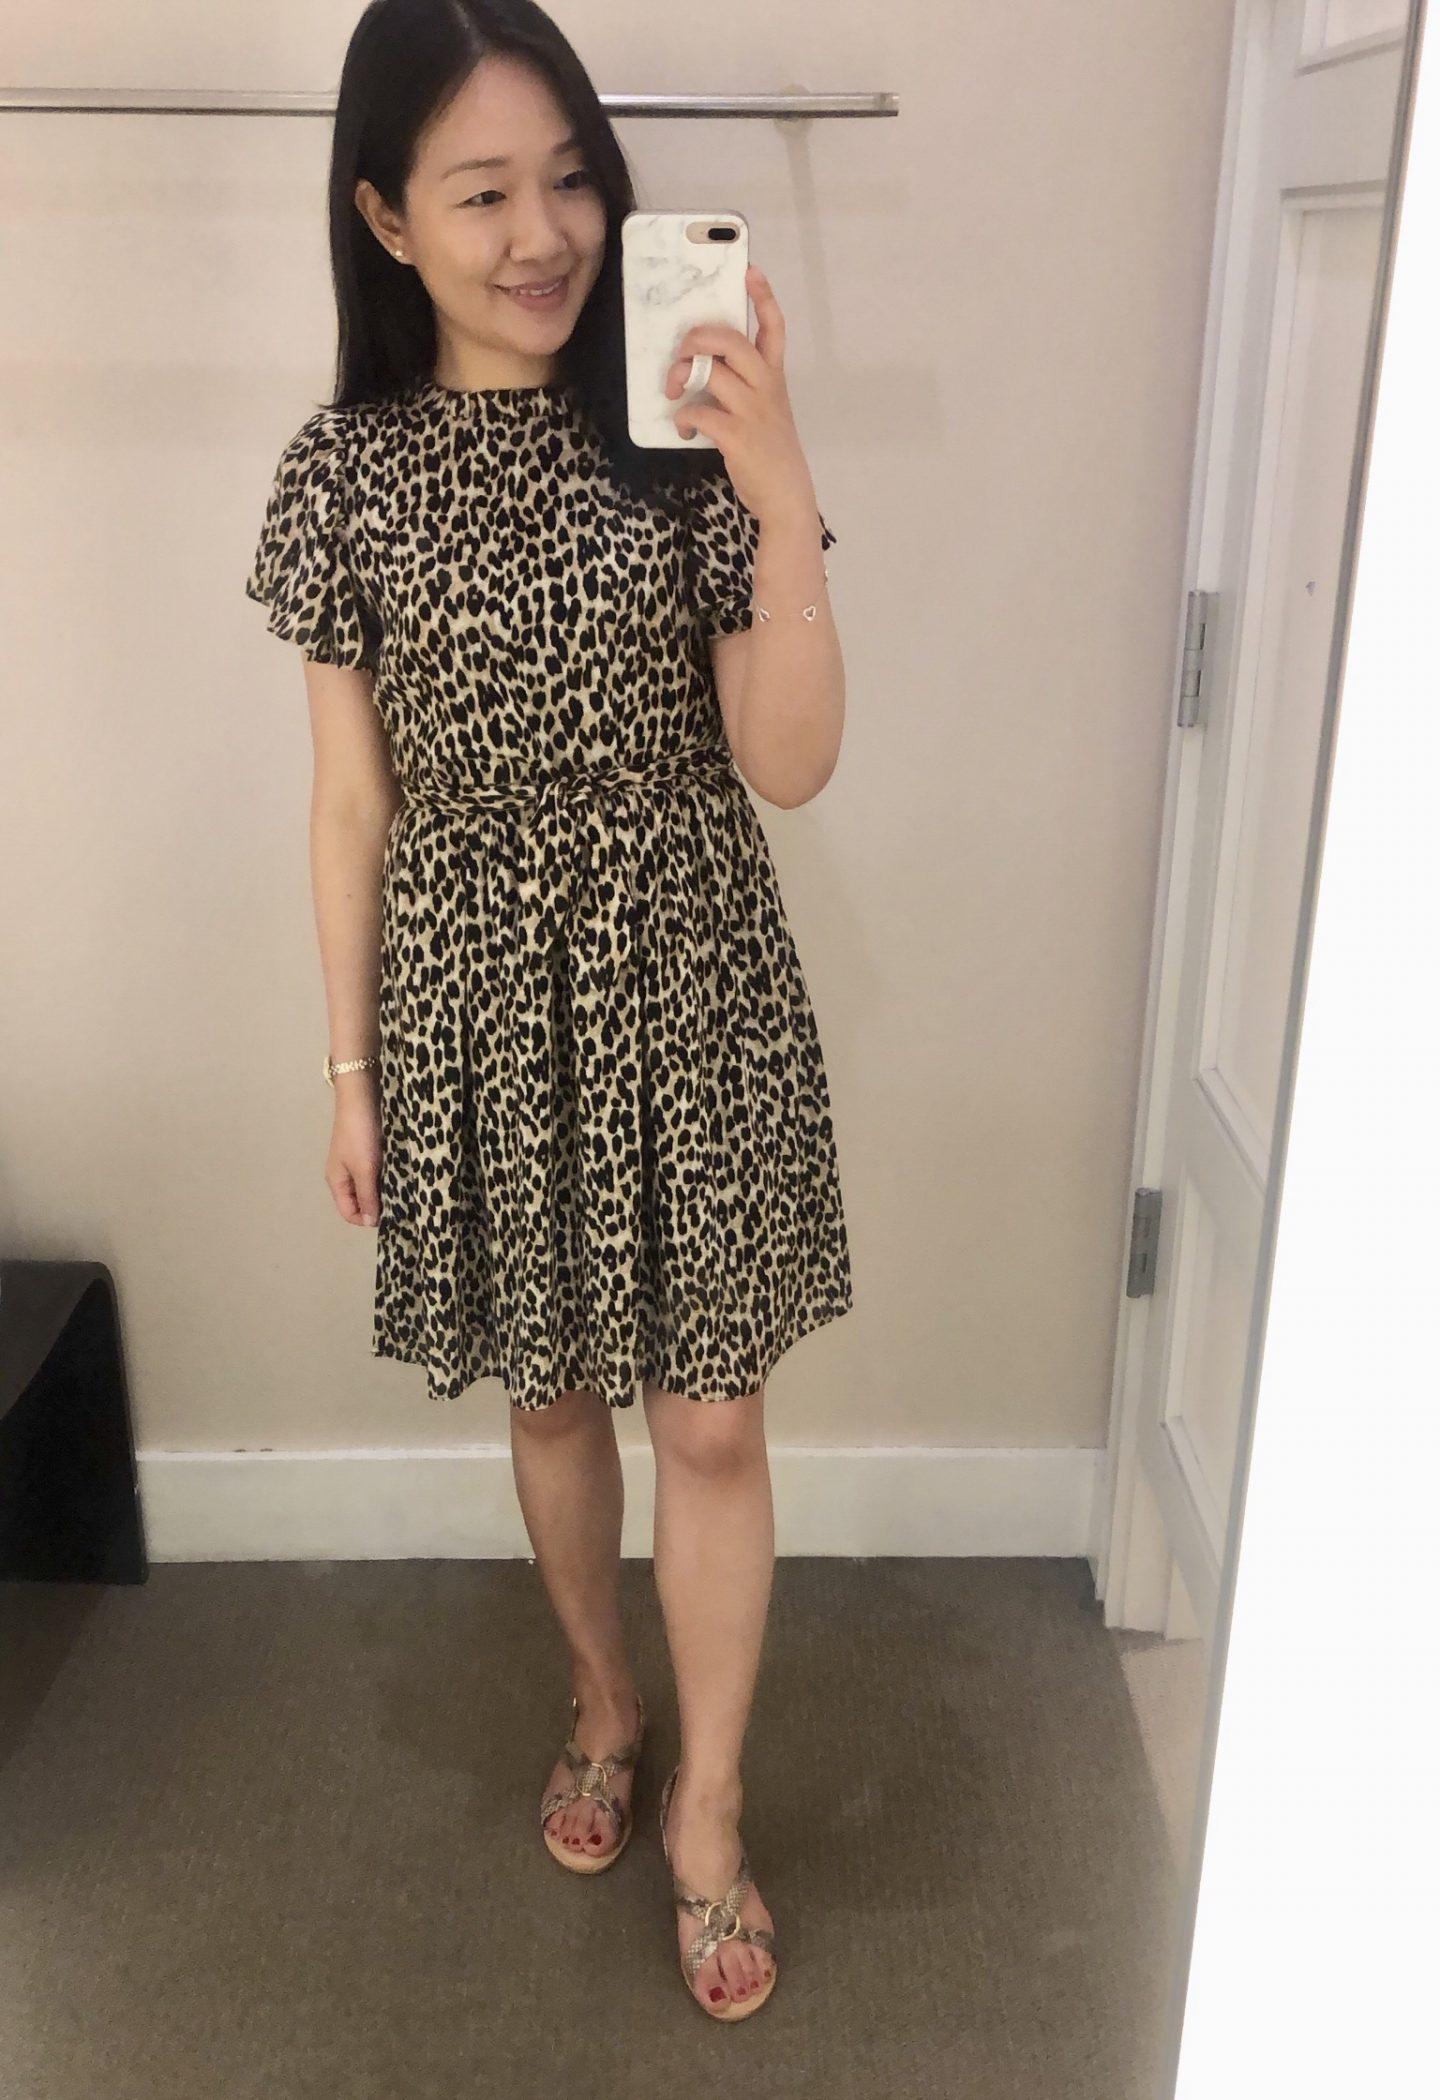 LOFT Leopard Print Tie Waist Flutter Dress, size XS regular